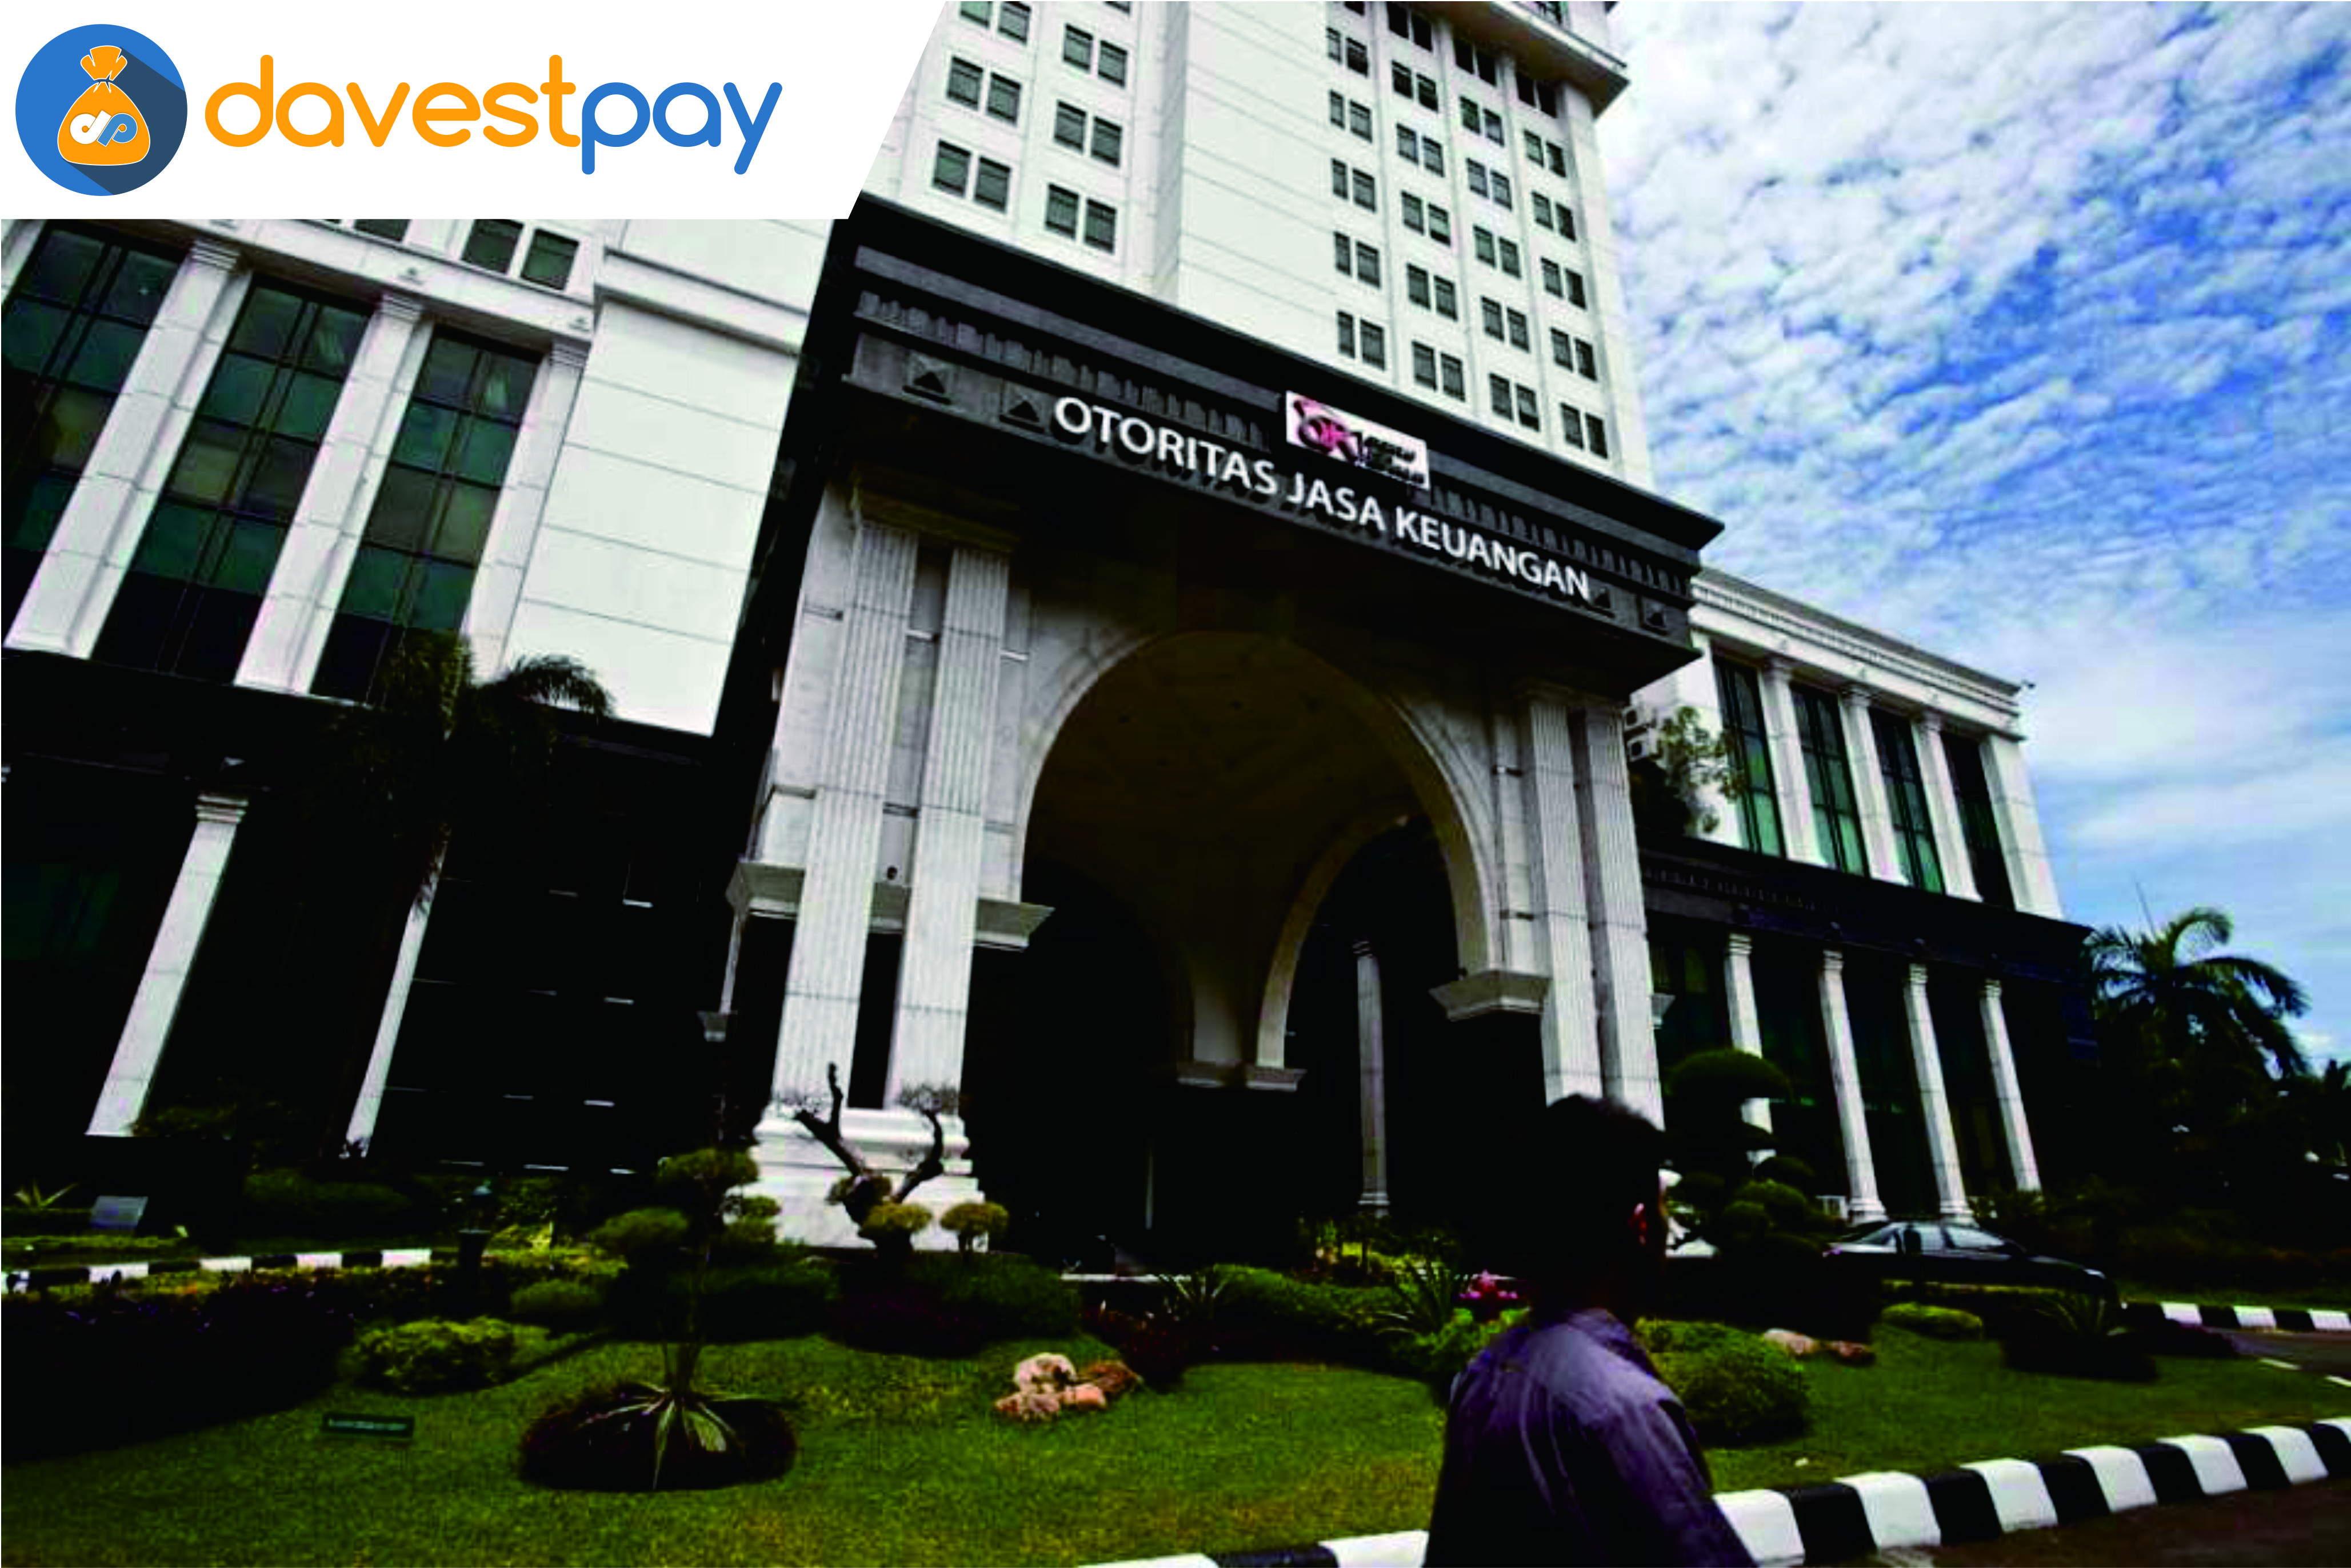 Otoritas Jasa Keuangan Resmi Luncurkan Aturan Baru untuk Fintech